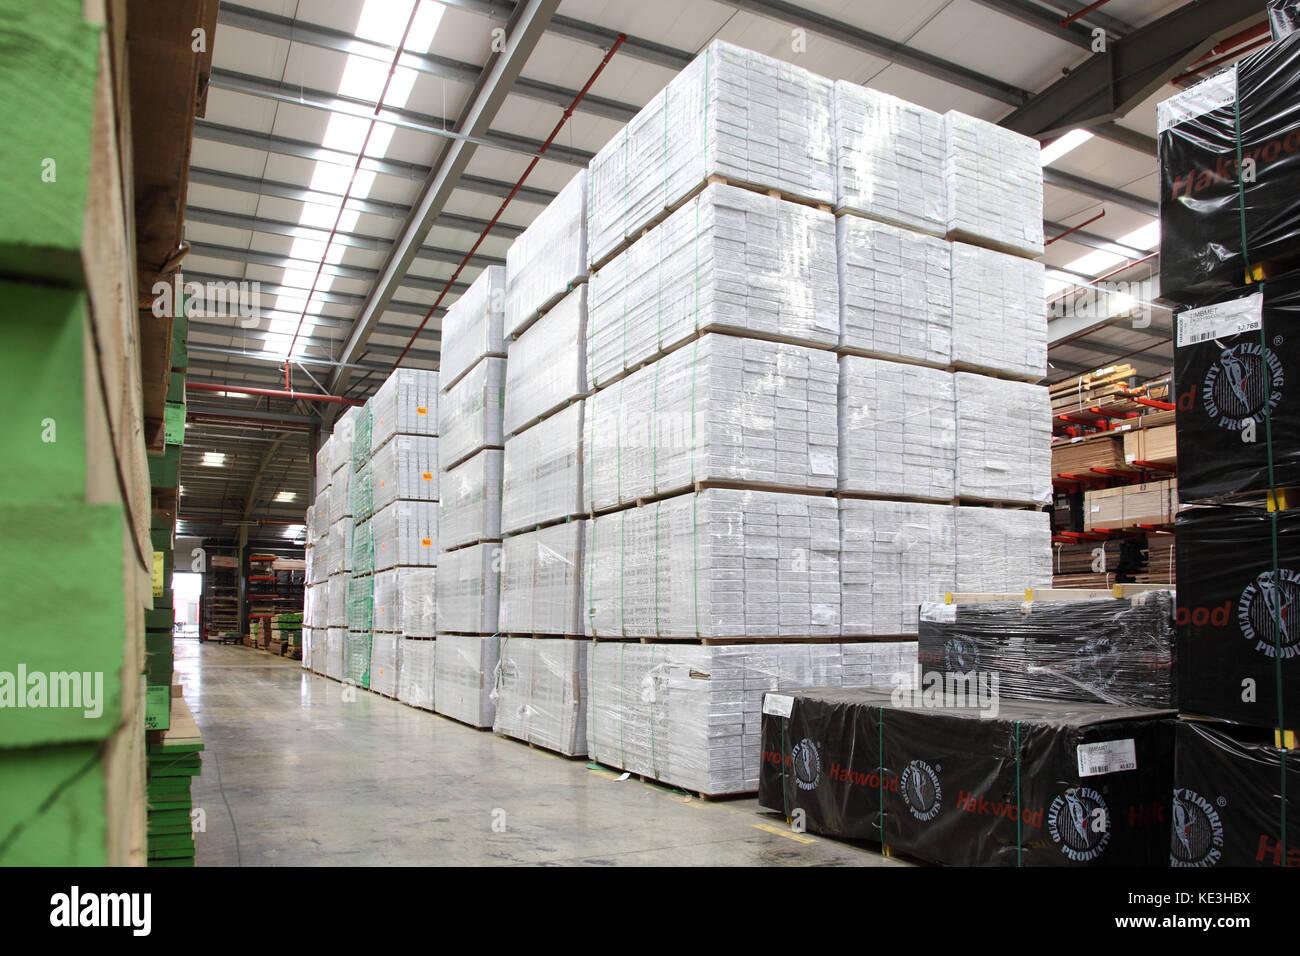 Planches en bois importés et produits Fiche technique moderne, empilés dans un entrepôt de distribution Photo Stock